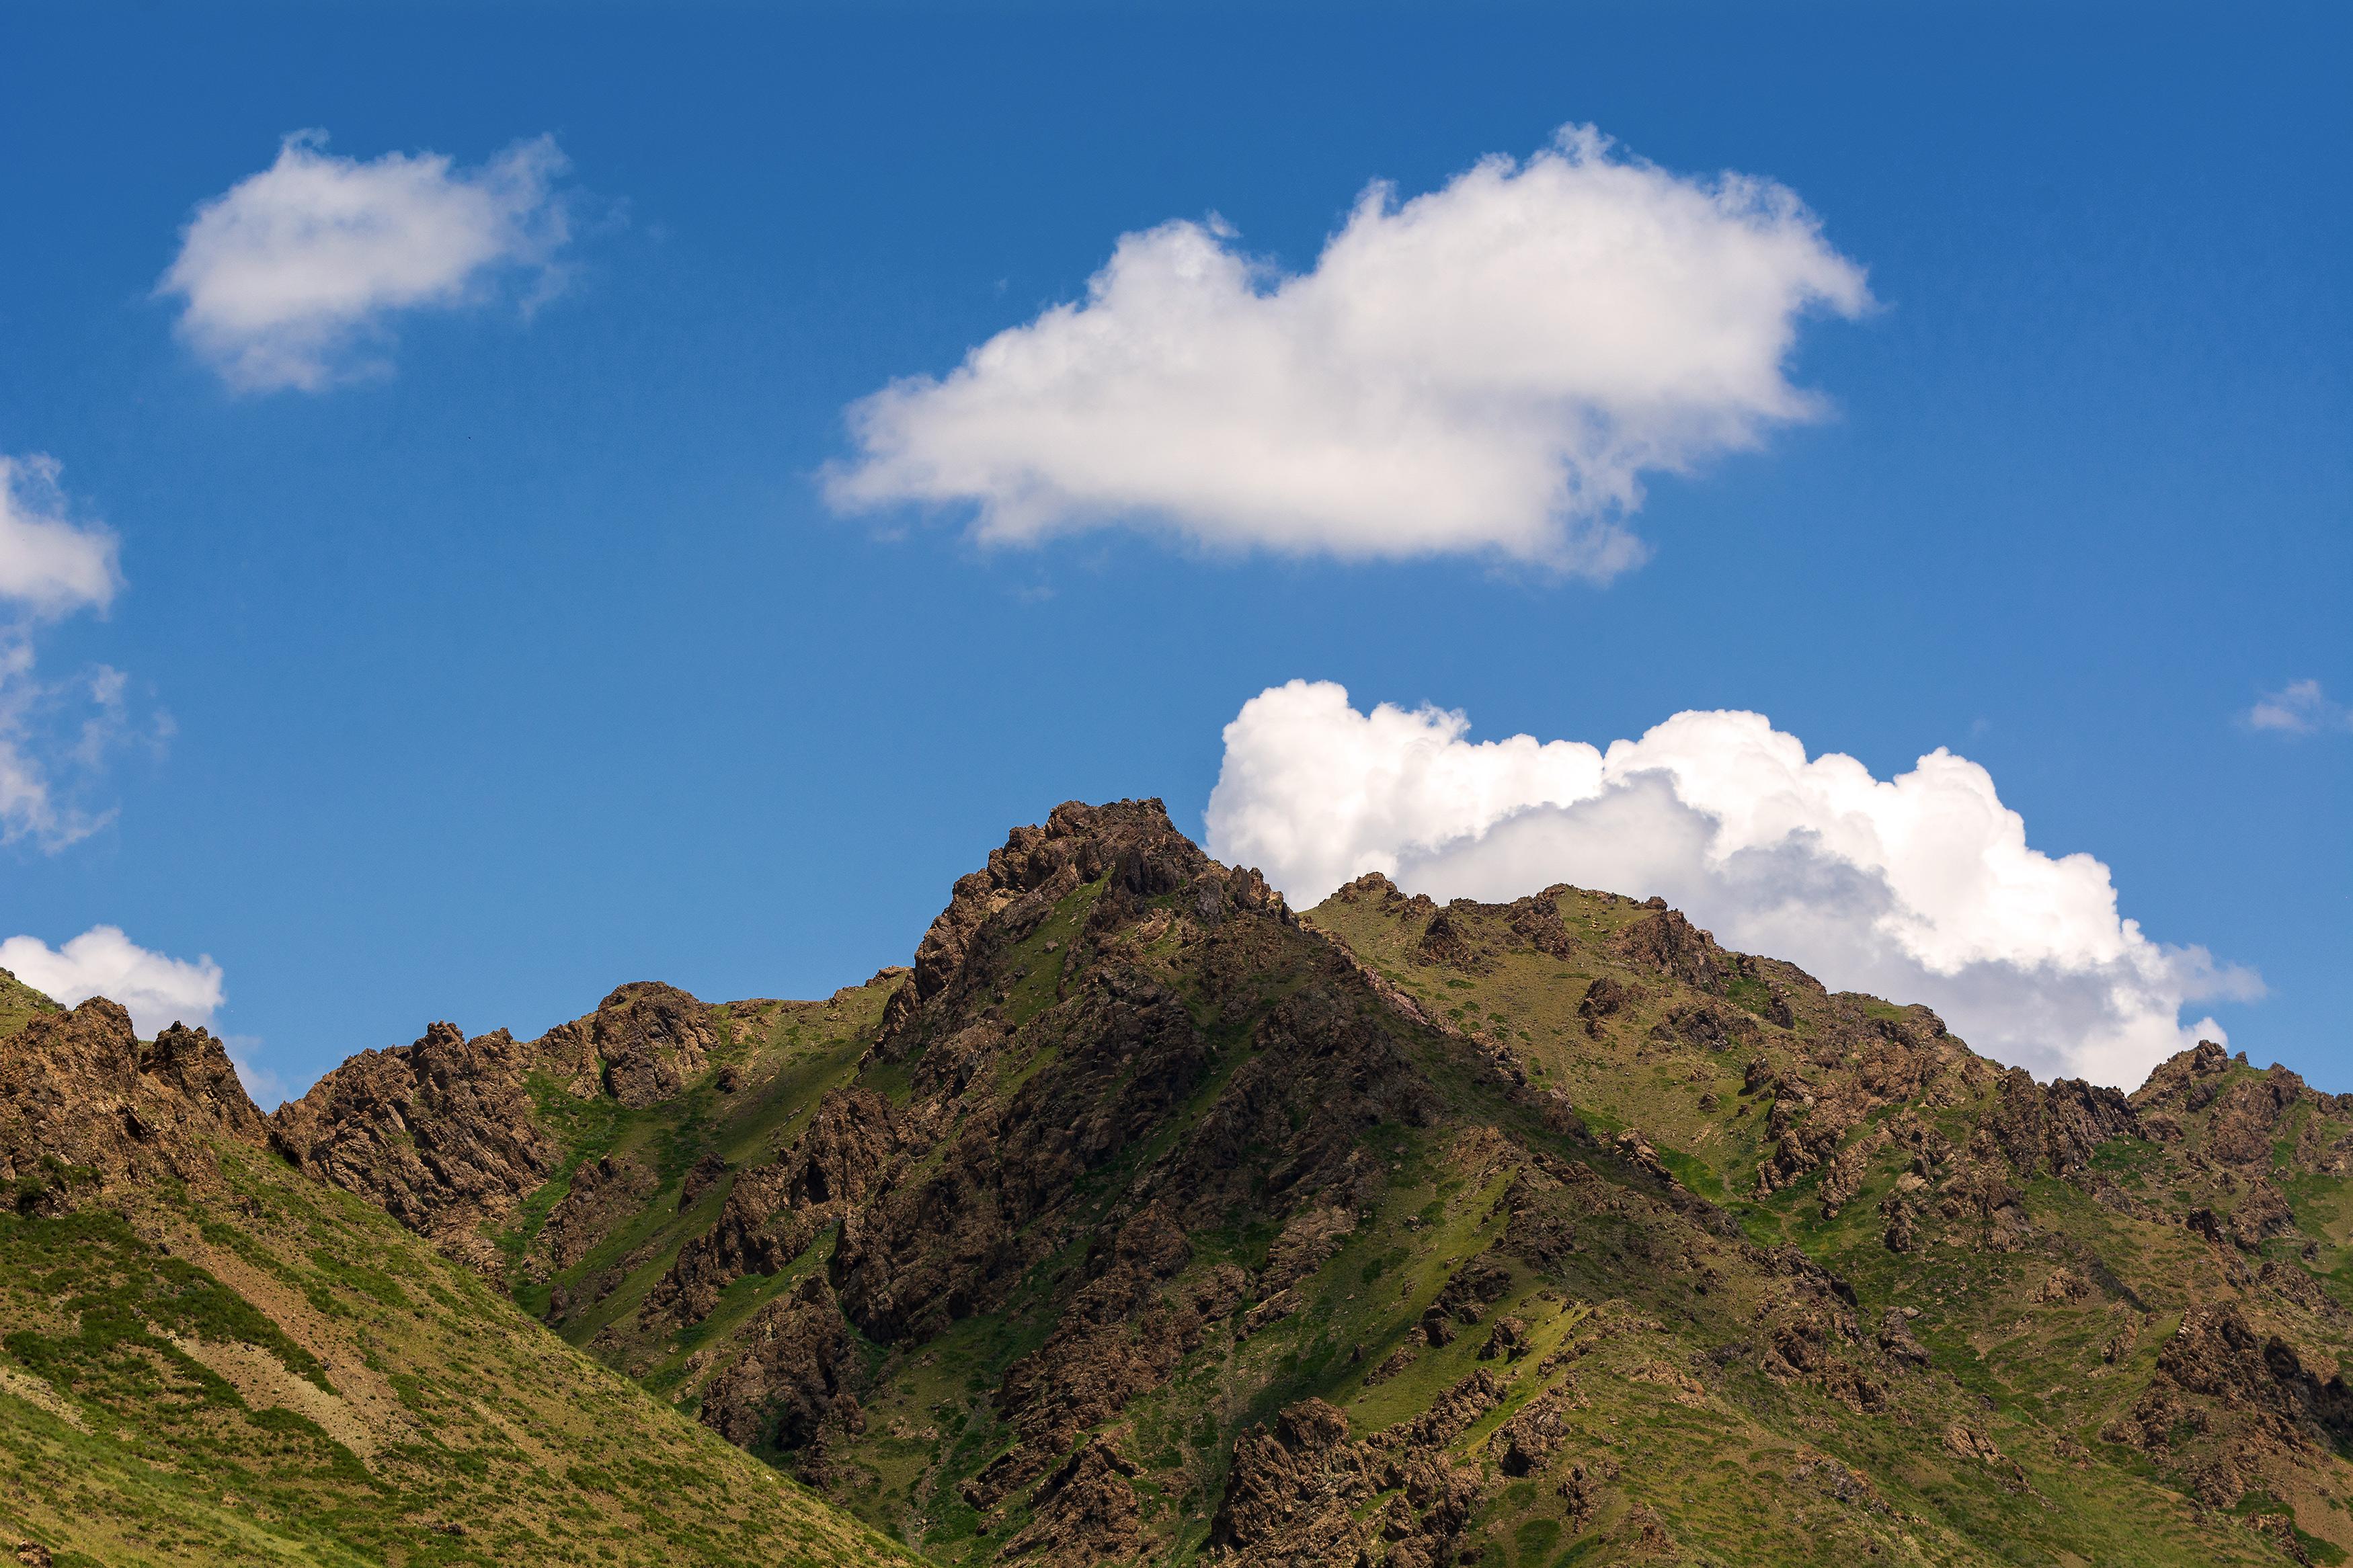 الجبل والسماء الزرقاء مع الغيوم | ألبوم صور مجاني | LibreShot